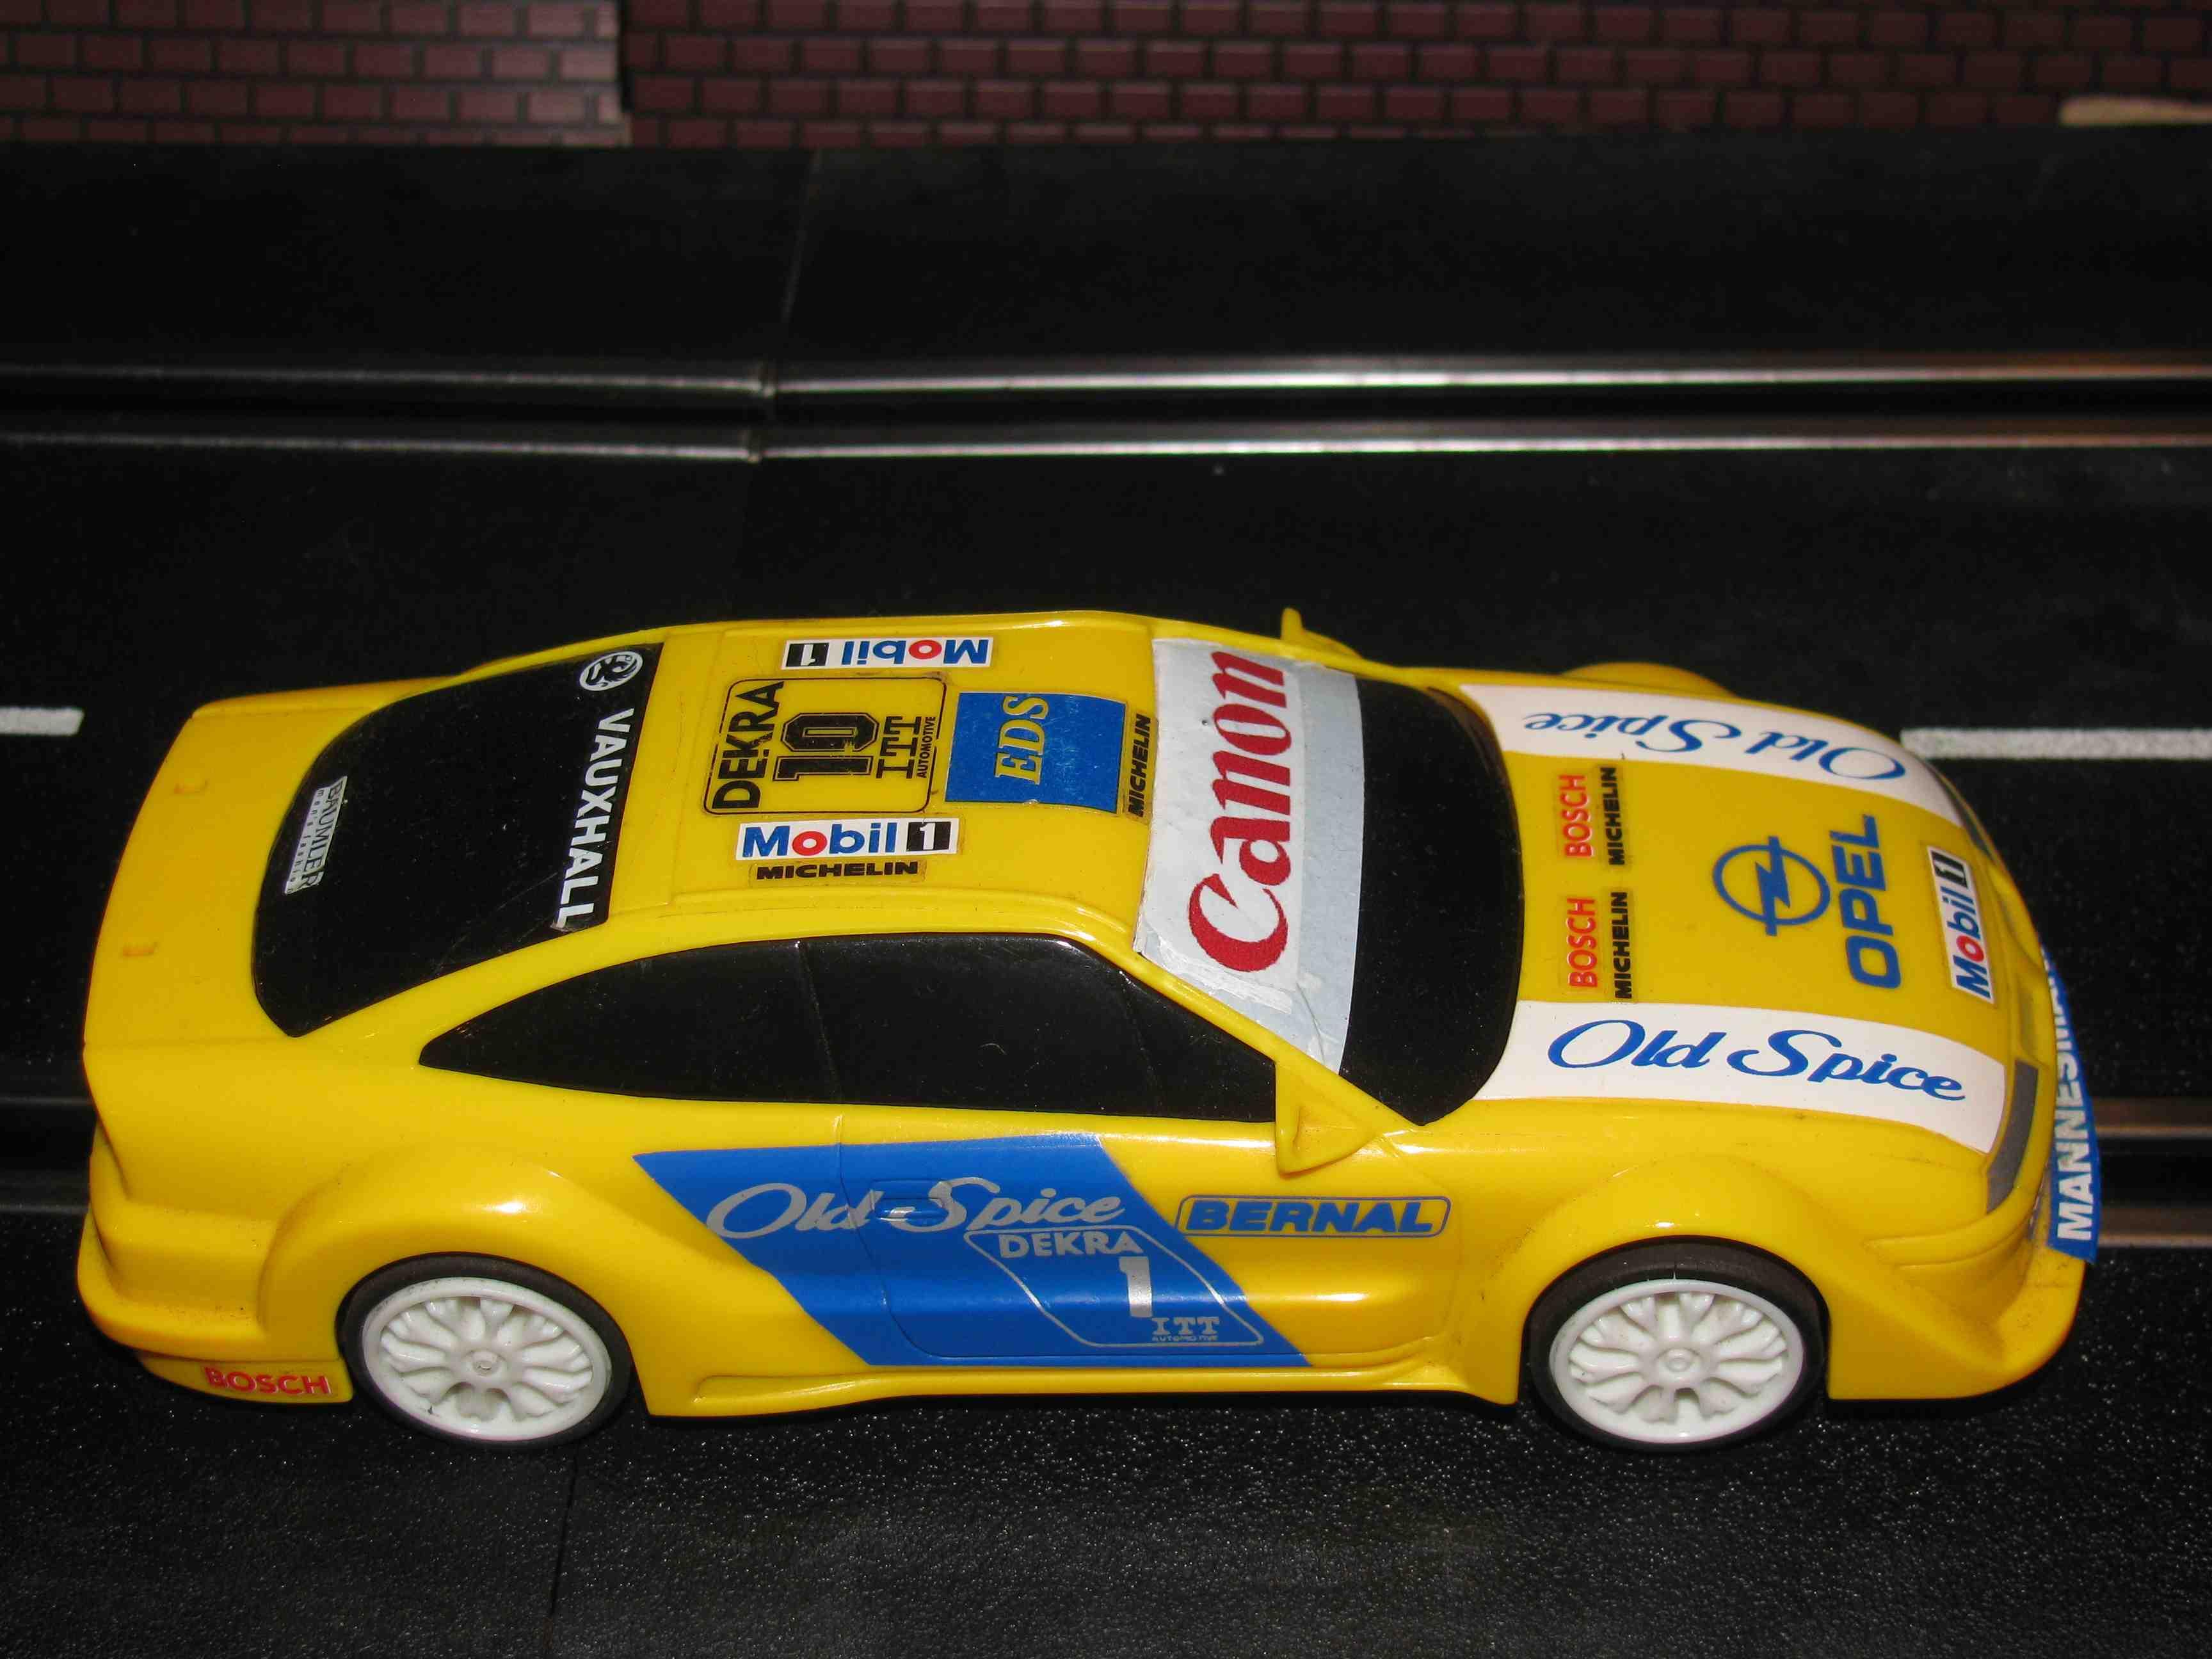 Hornby Opel Vauxhall Dekra Rally Slot Car 1/32 Scale – Car 1